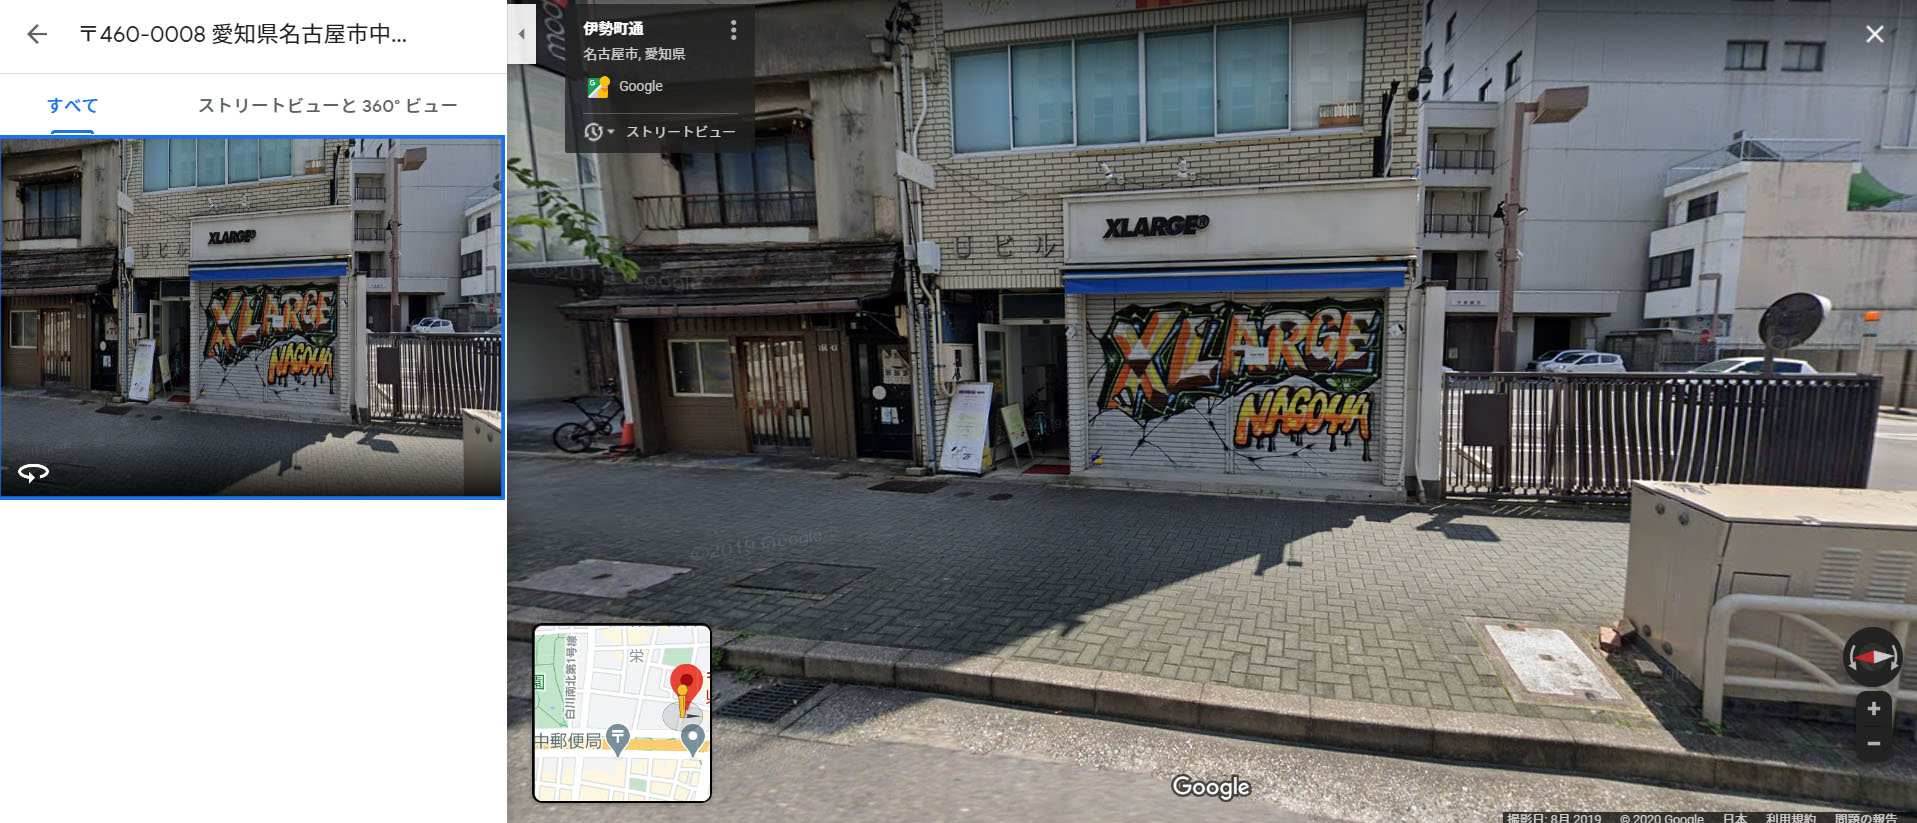 店舗の場所